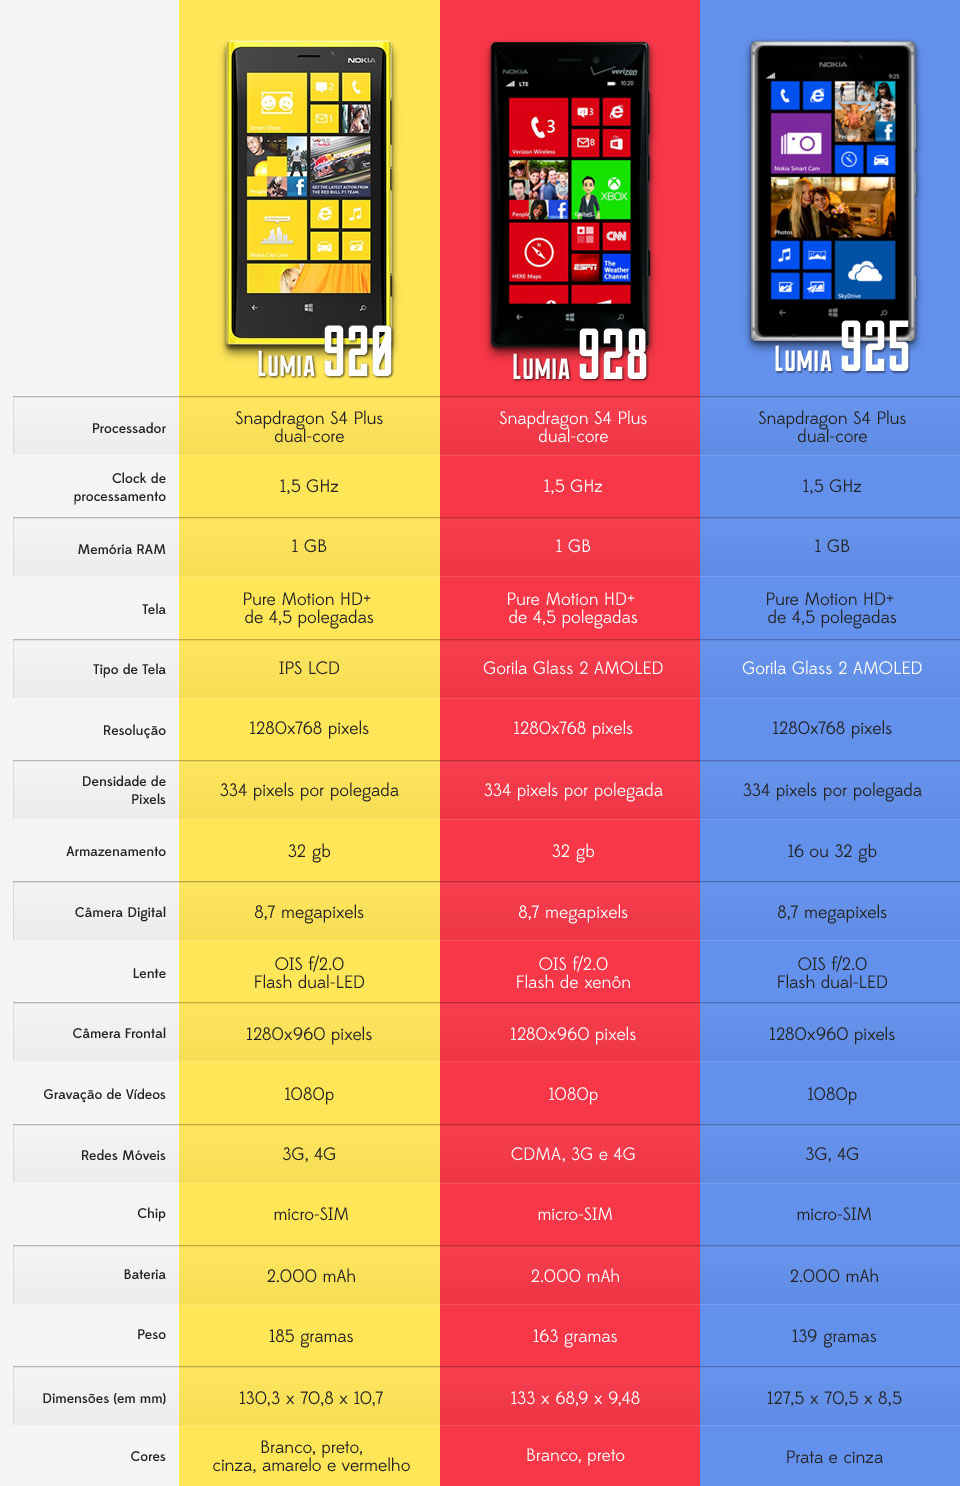 Comparativo: Nokia Lumia 920, 928 e 925 [tabela]